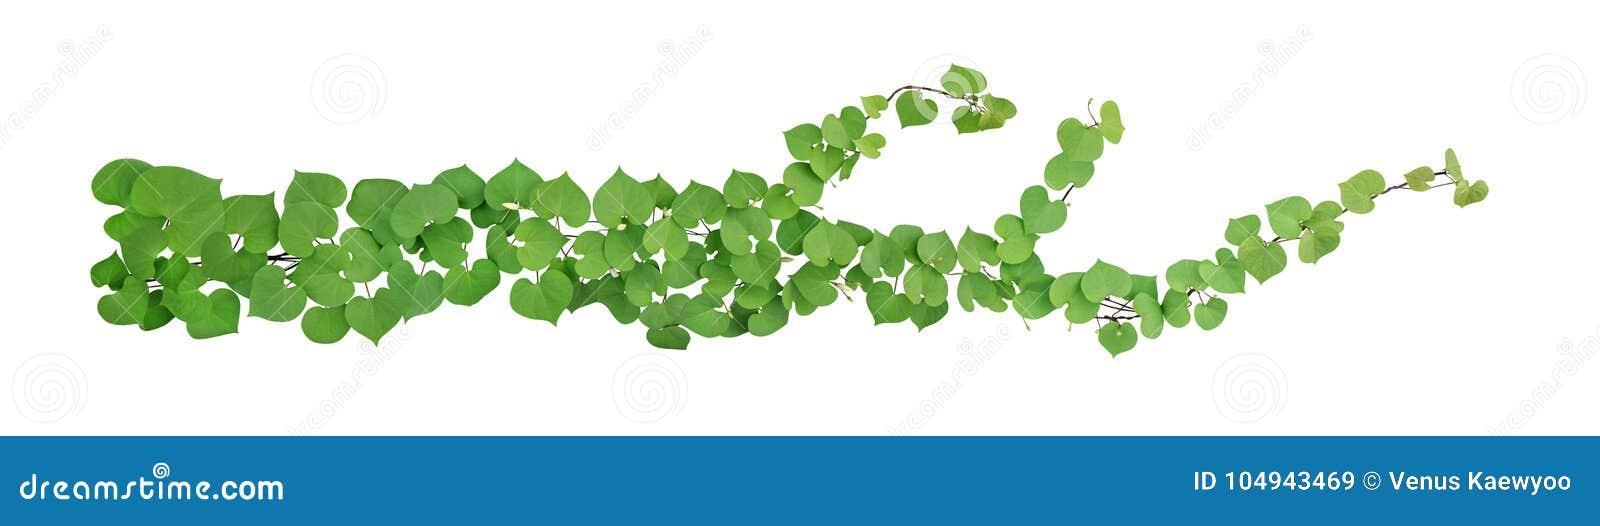 Η καρδιά διαμόρφωσε τα πράσινα φύλλα με το τροπικό φυτό αμπέλων αναρρίχησης λουλουδιών οφθαλμών που απομονώθηκε στο άσπρο υπόβαθρ